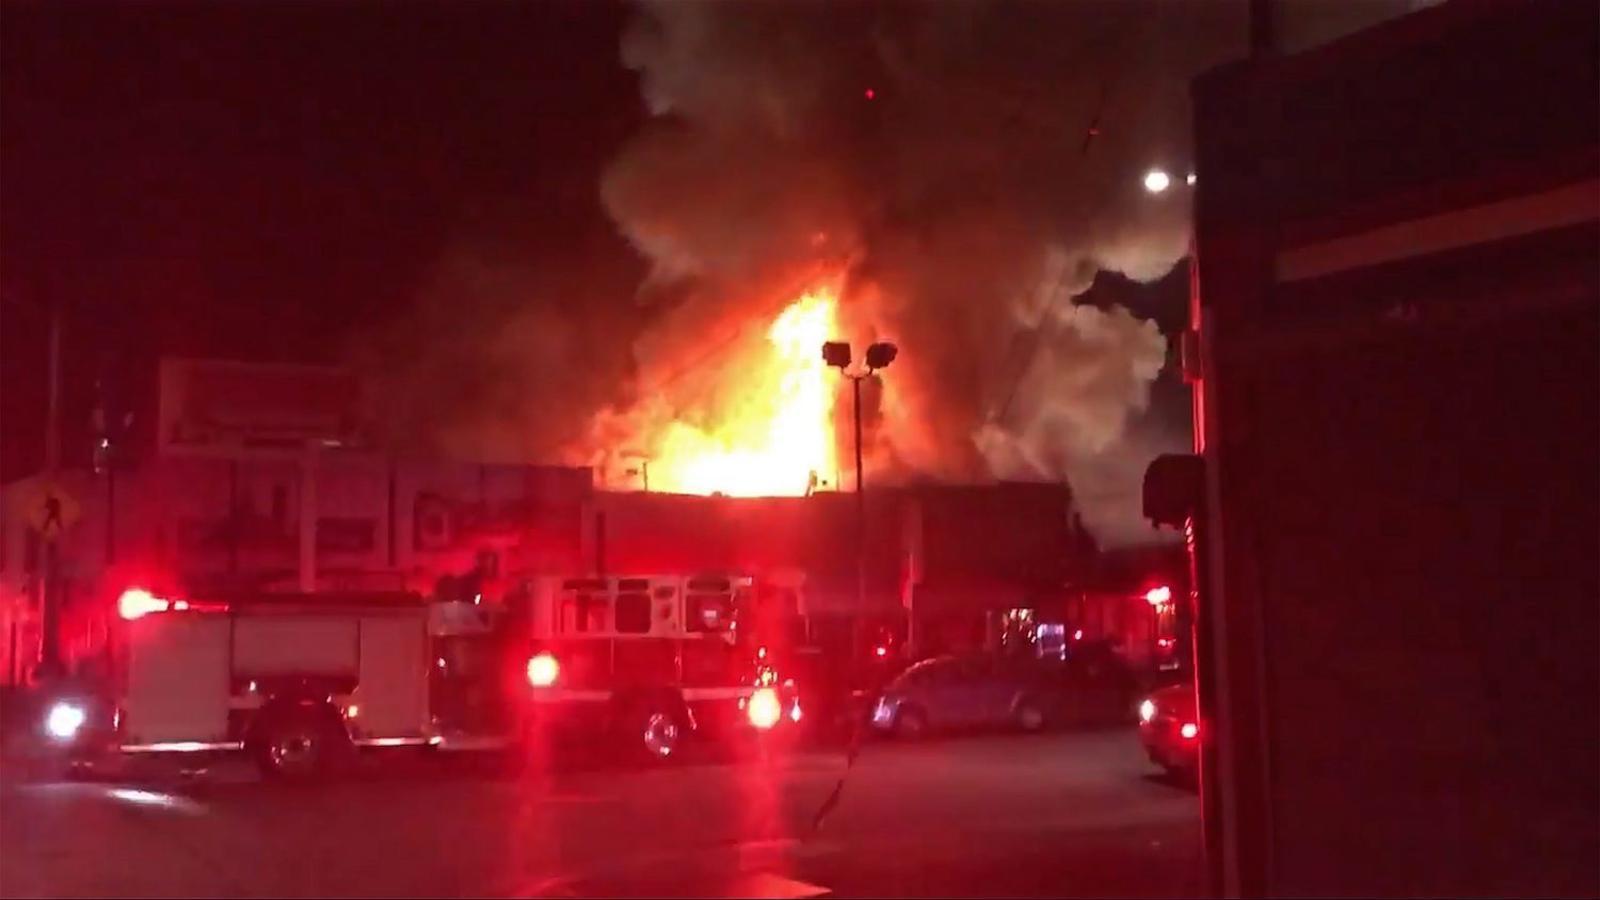 Una imatge del foc, amb els equips d'emergència treballant-hi